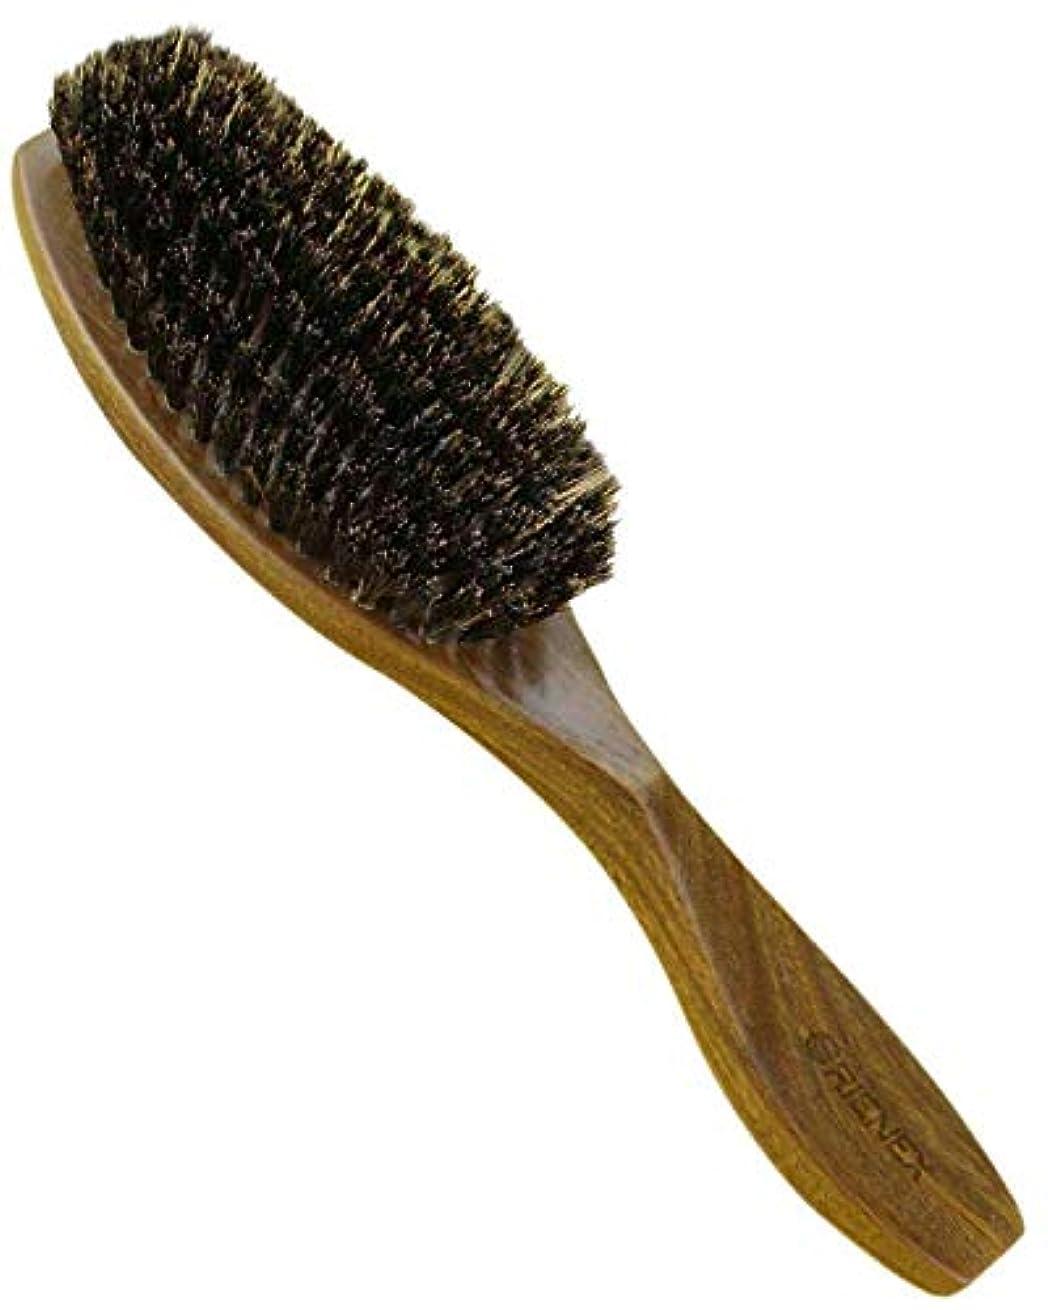 適度にトランスミッション緩むOrienex ヘアブラシ 豚毛 櫛 クシ くし 天然緑檀木 マッサージ 美髪ケア 静電気防止 母の日 ギフト(緑檀豚毛)